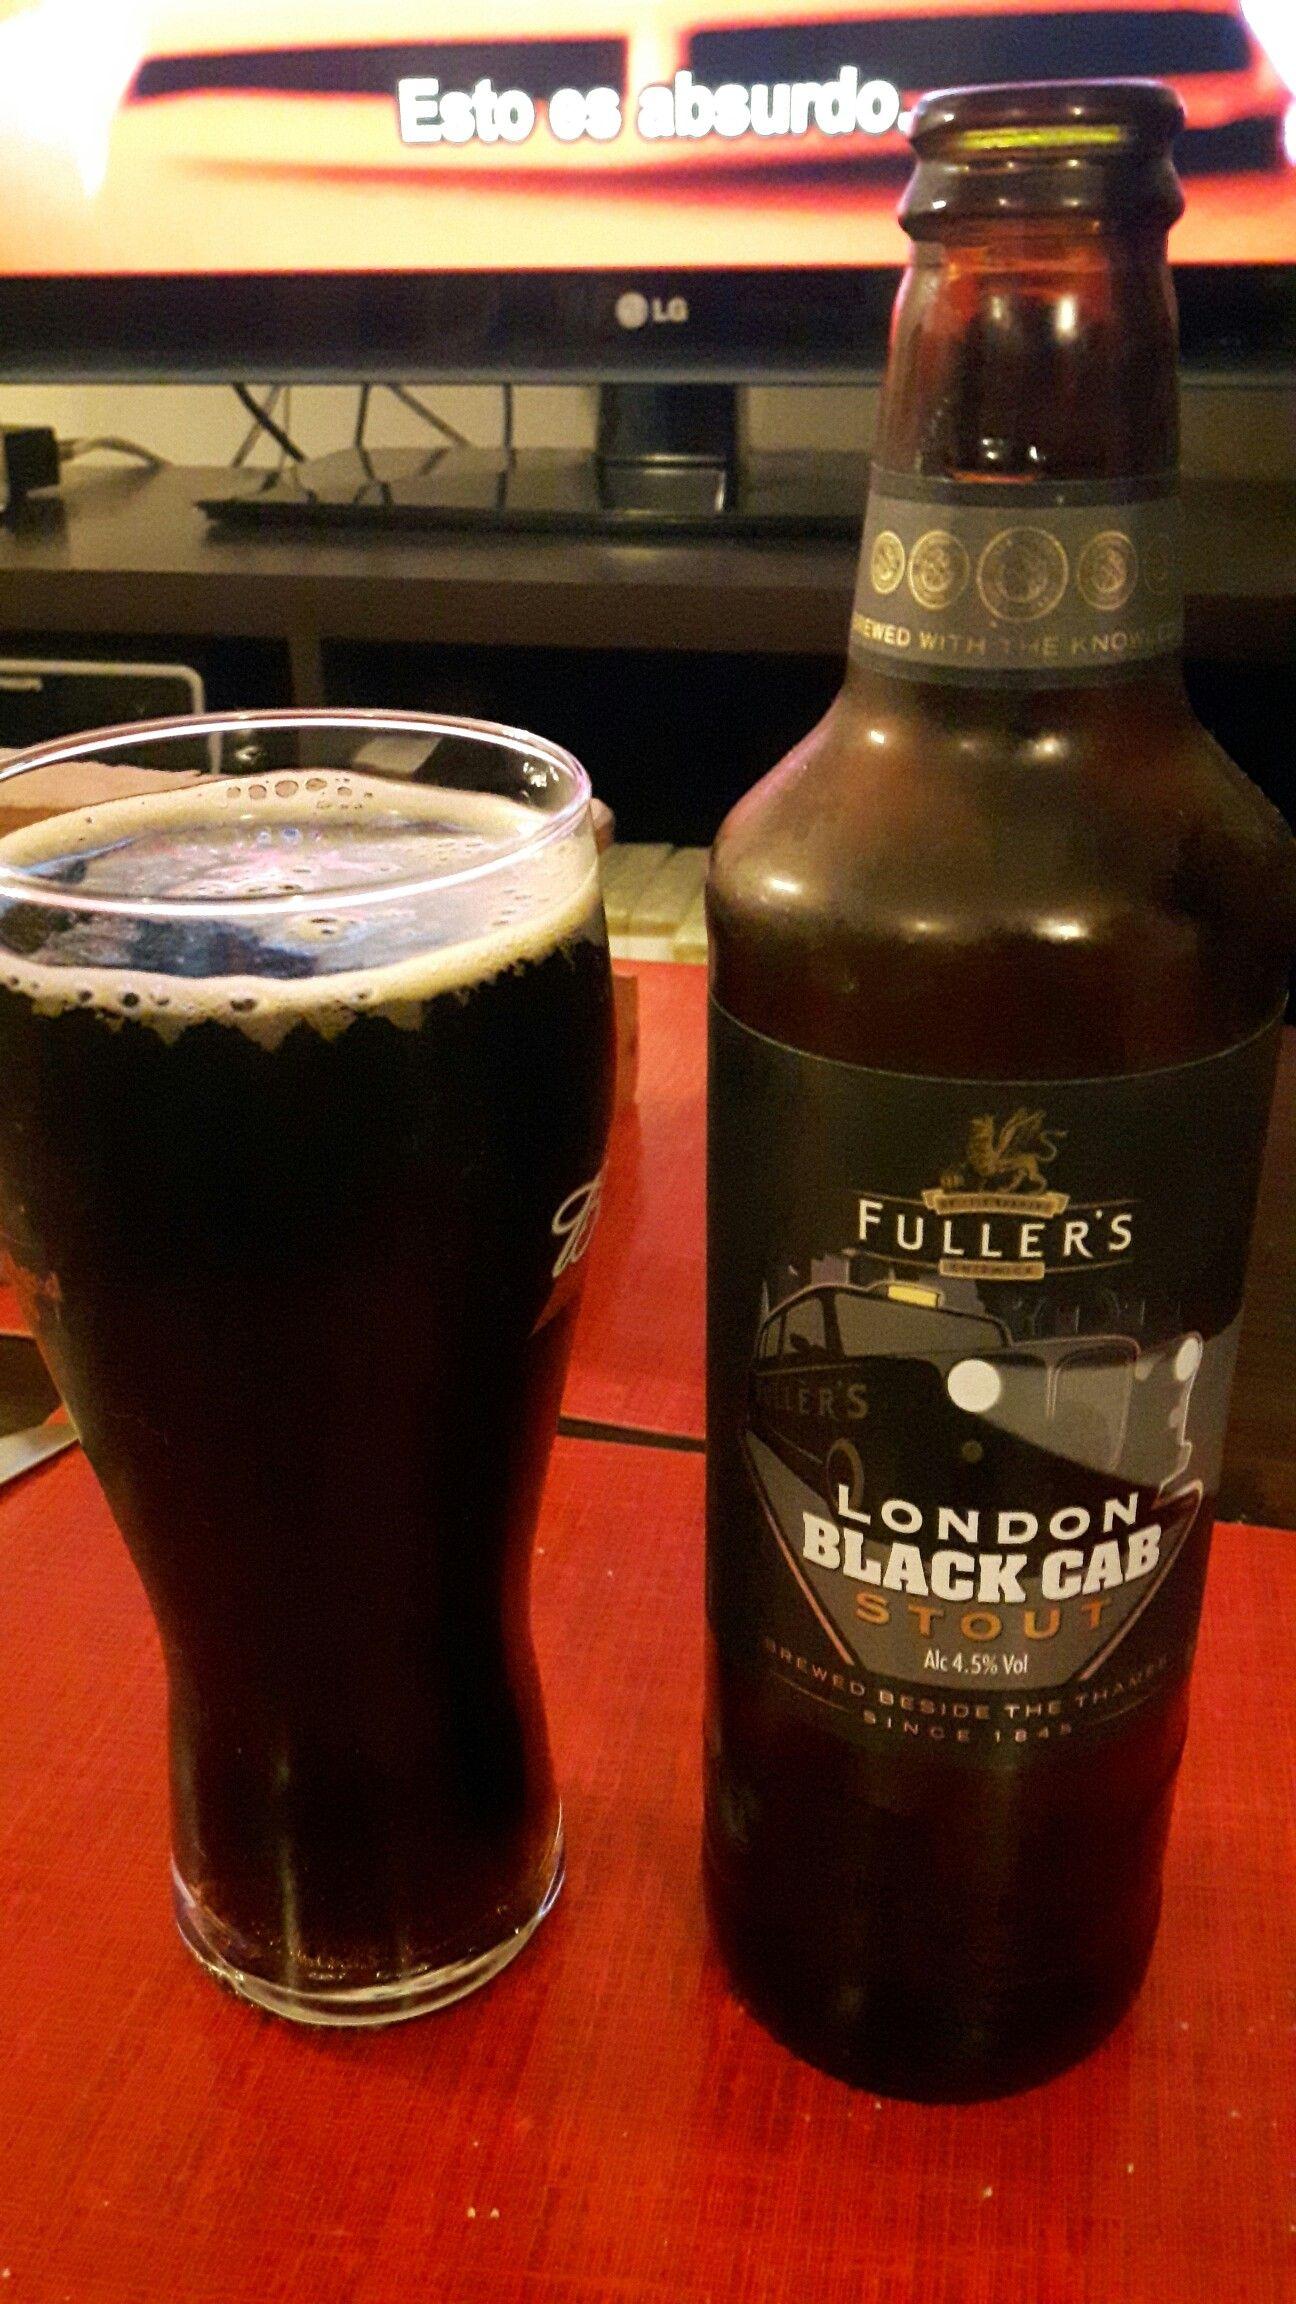 Fullers, black cab, Stout. Británica, Stout amarga, cuerpo delgado, sabor tostado. Repetir: no